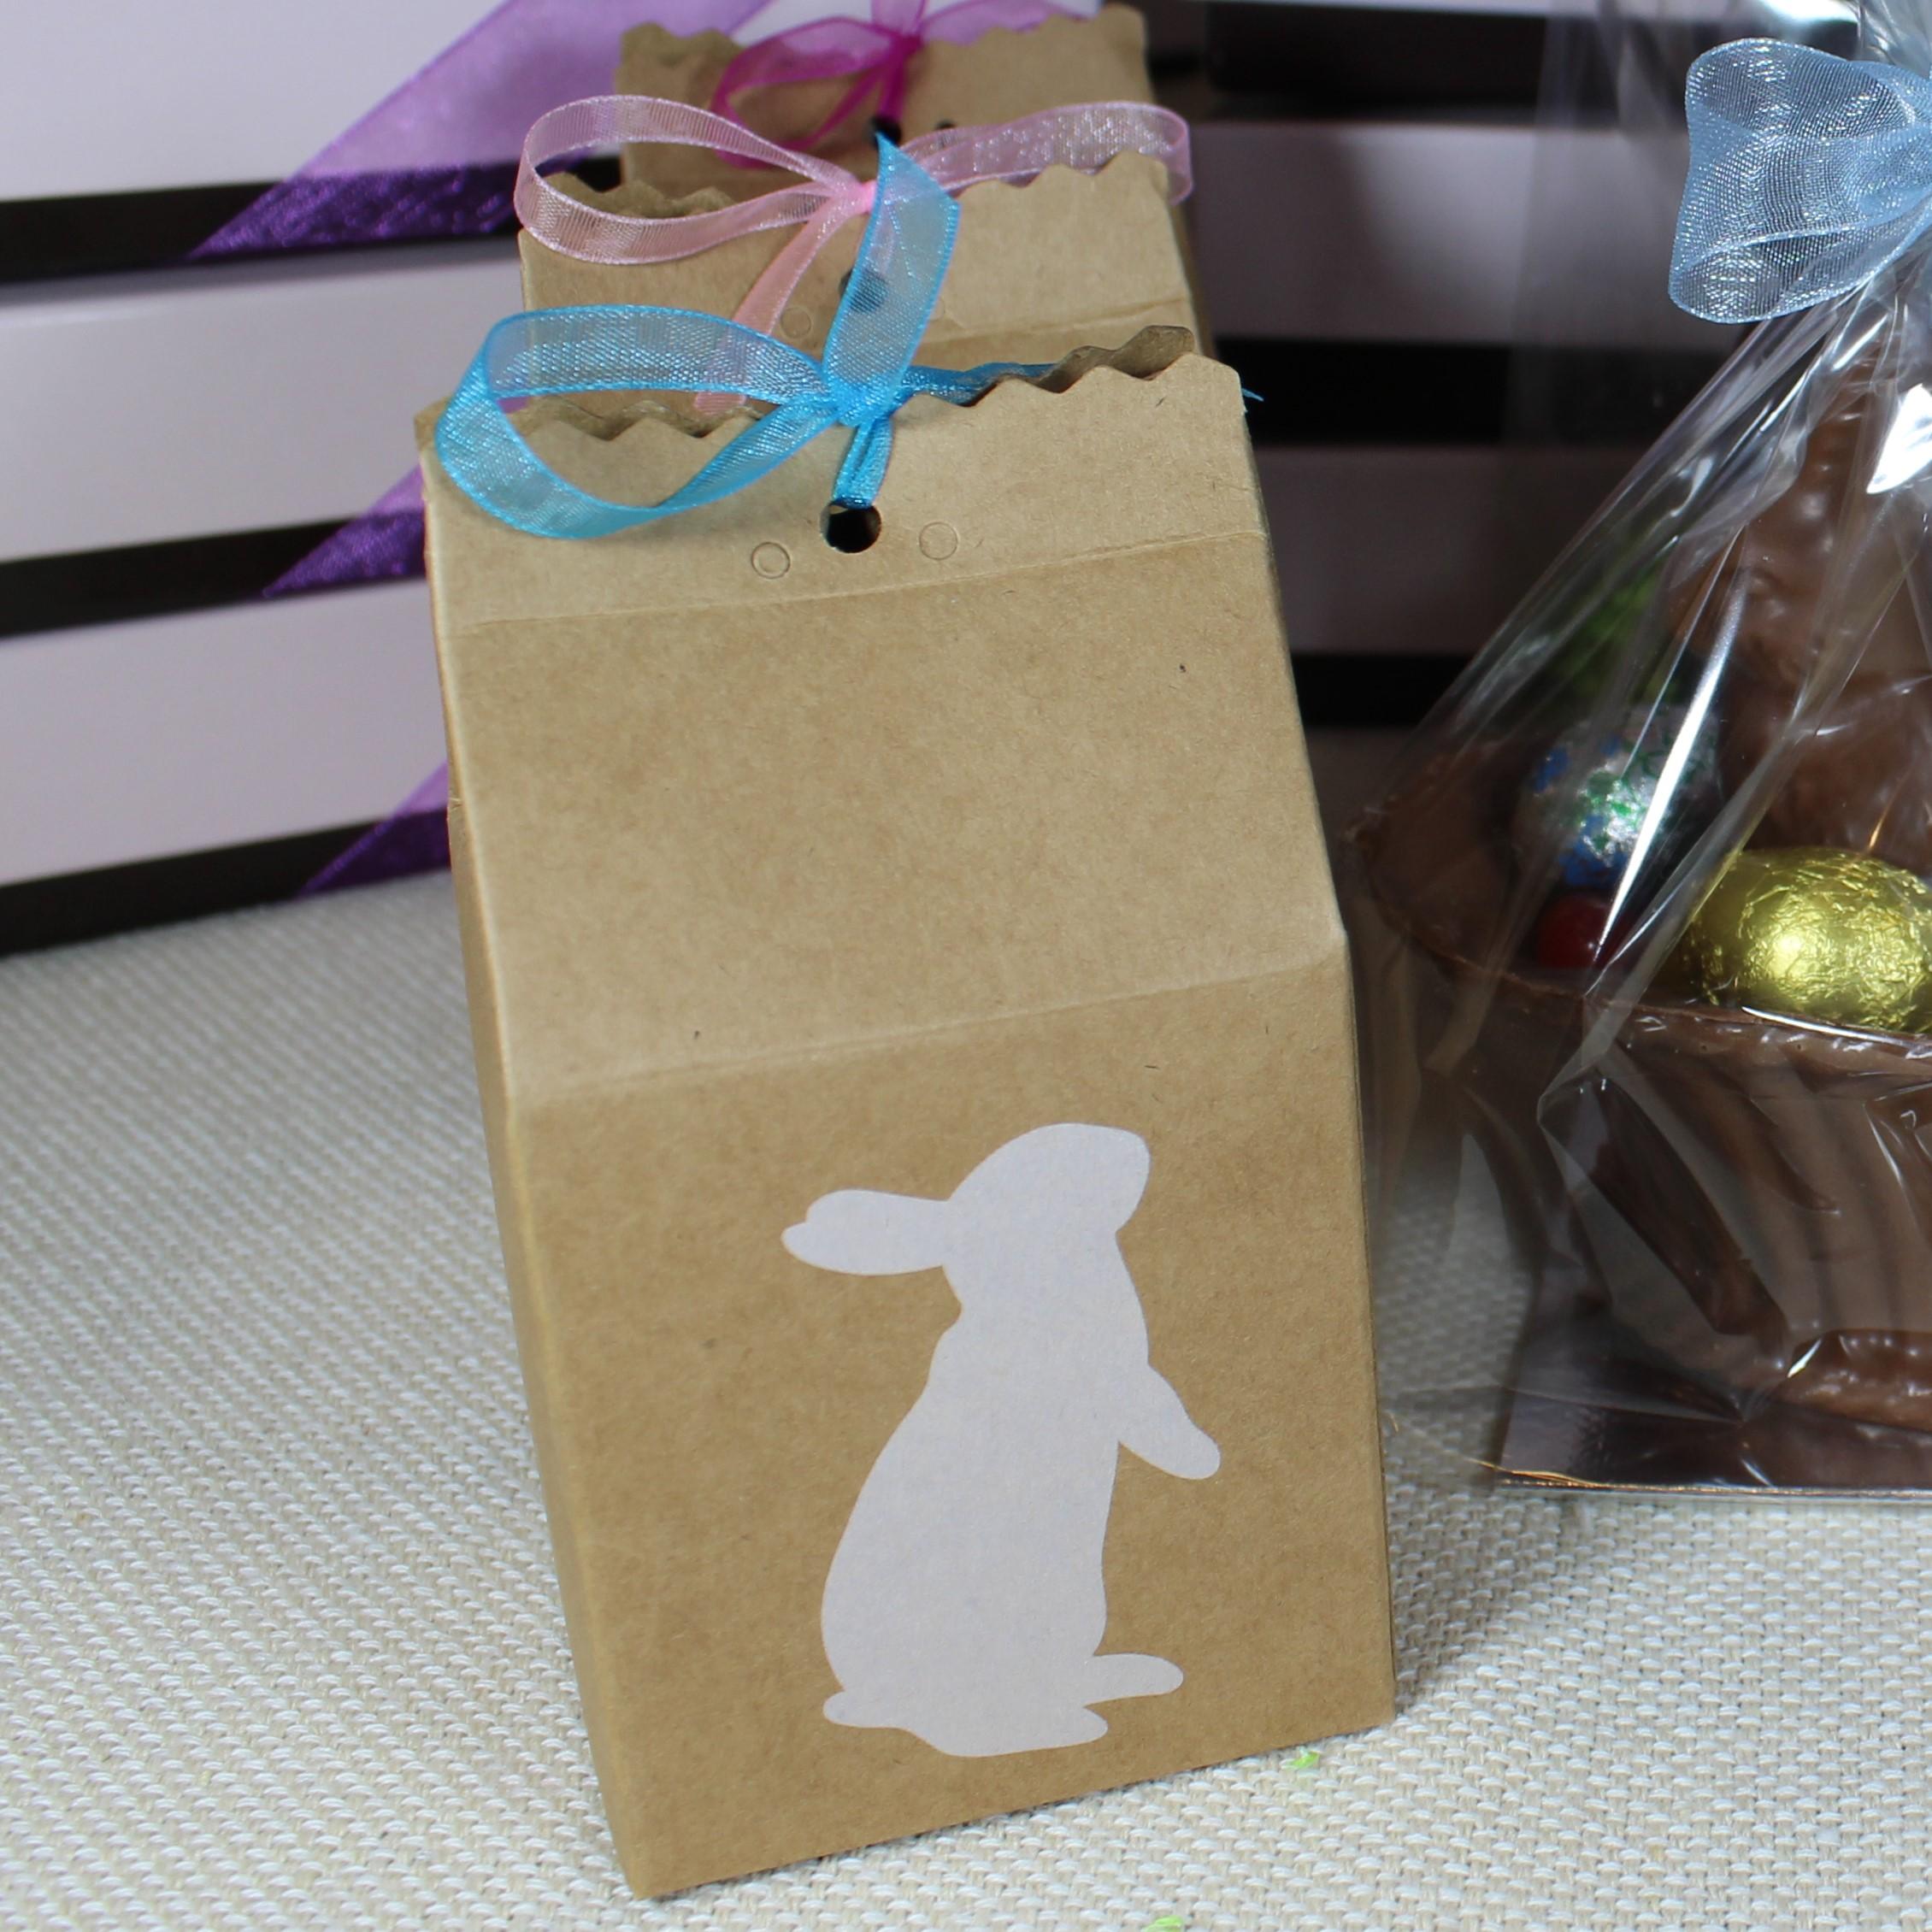 Baker's Dozen of Foil Milk Chocolate Eggs - $8.00